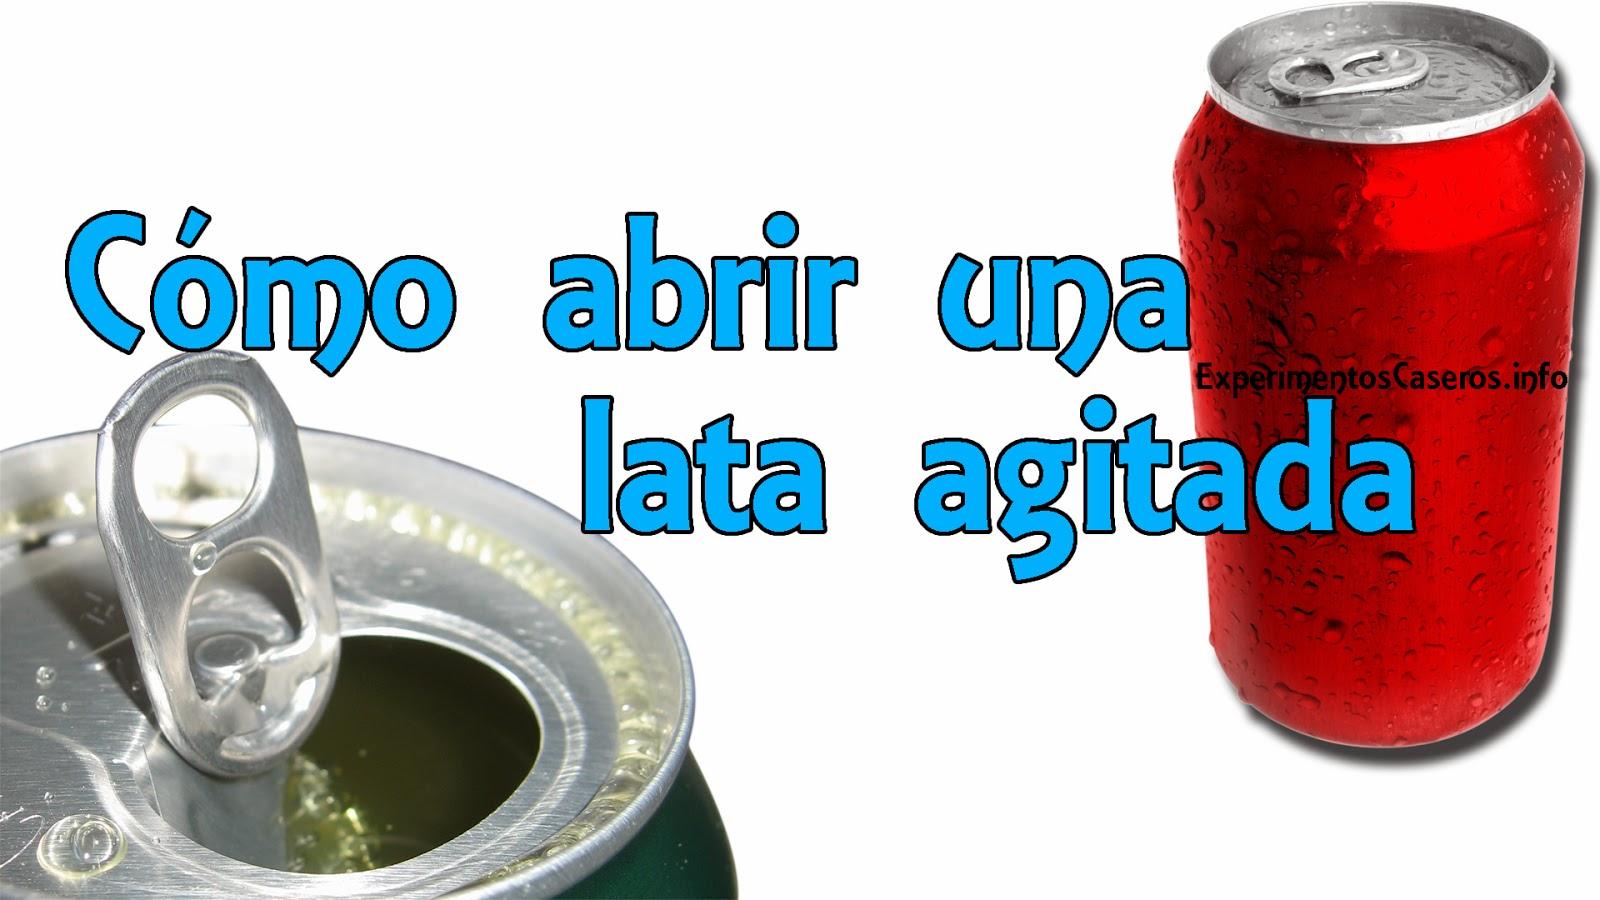 Cómo abrir una lata agitada, life hacks en español, trucos en la vida real, experimentos caseros, experimentos, experimento, experimentos para niños, trucos caseros, trucos para niños, inventos para niños, feria de ciencias, experimentos de física, experimentos para la feria científica, tips para la vida